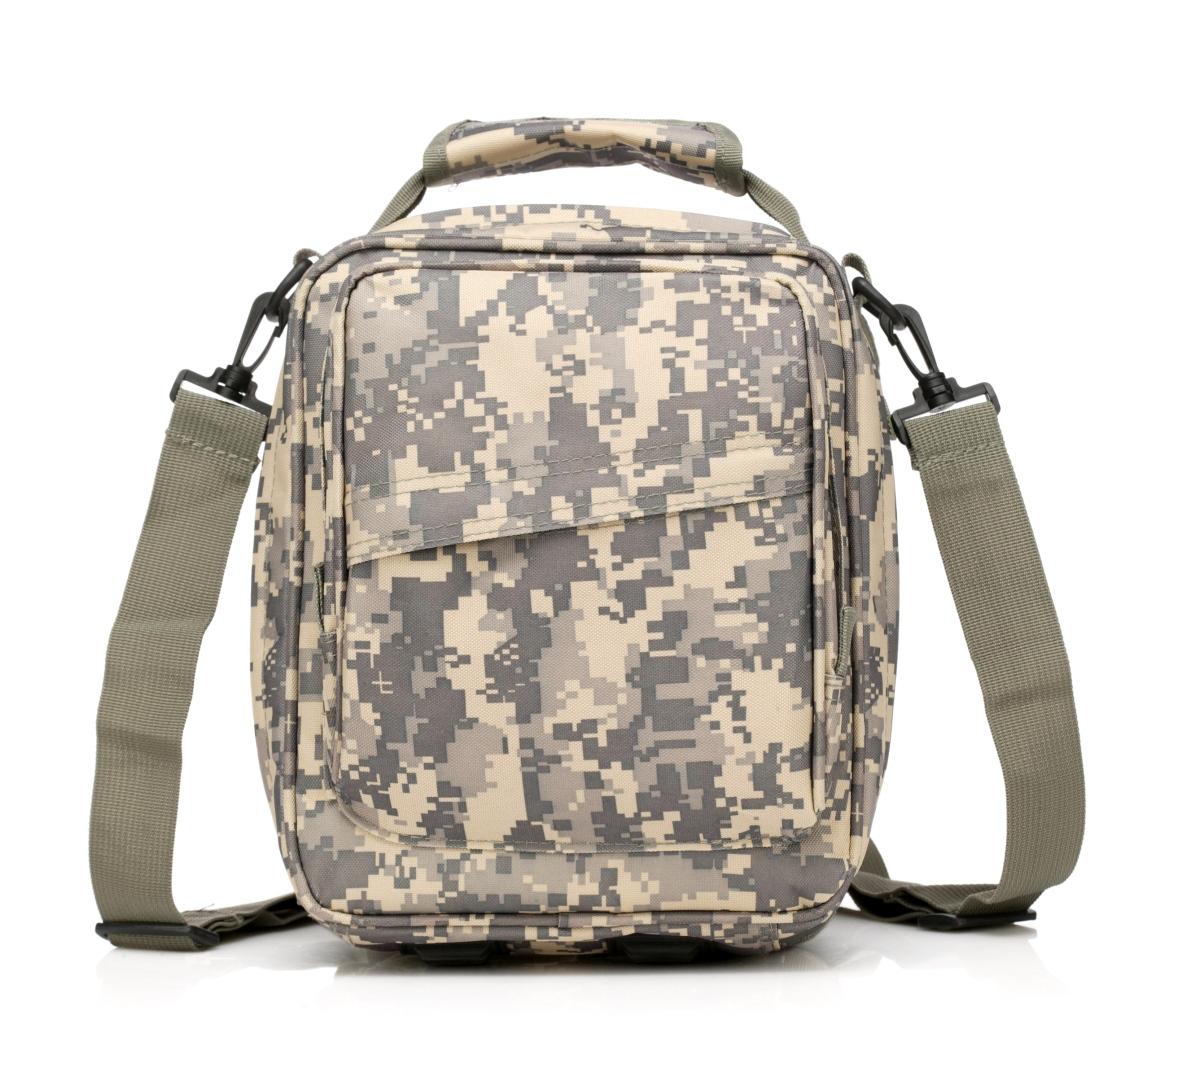 Маленькая мужская сумка на плечо со стропами MOLLE купить недорого